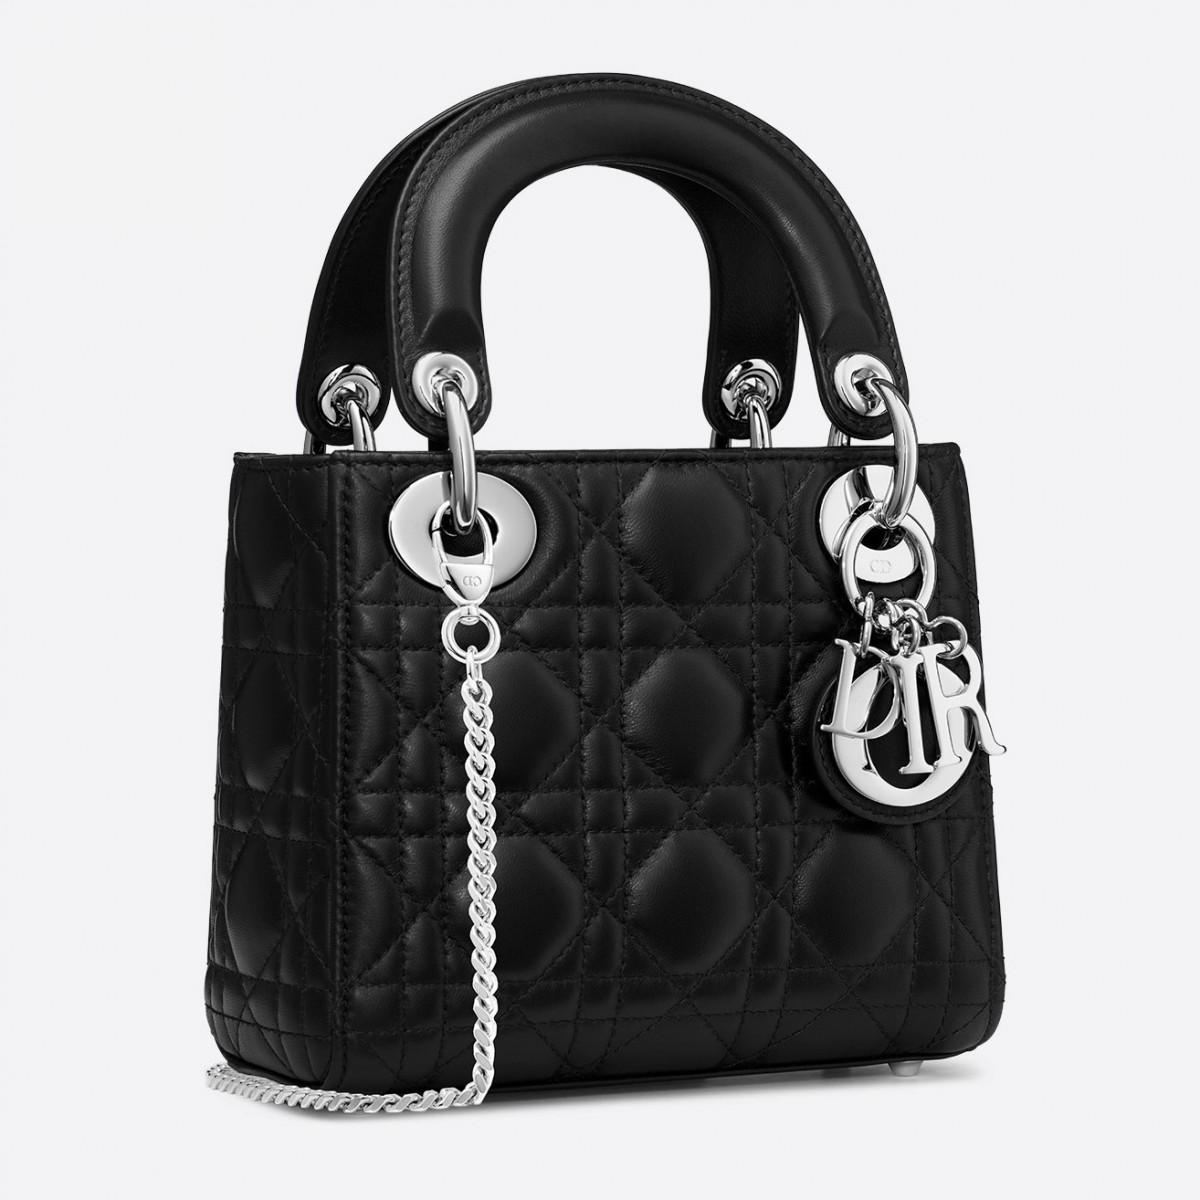 cfb18cf9d13f Dior mini lady dior lambskin bag black designer dress hire australia jpg  1200x1200 Dior mini